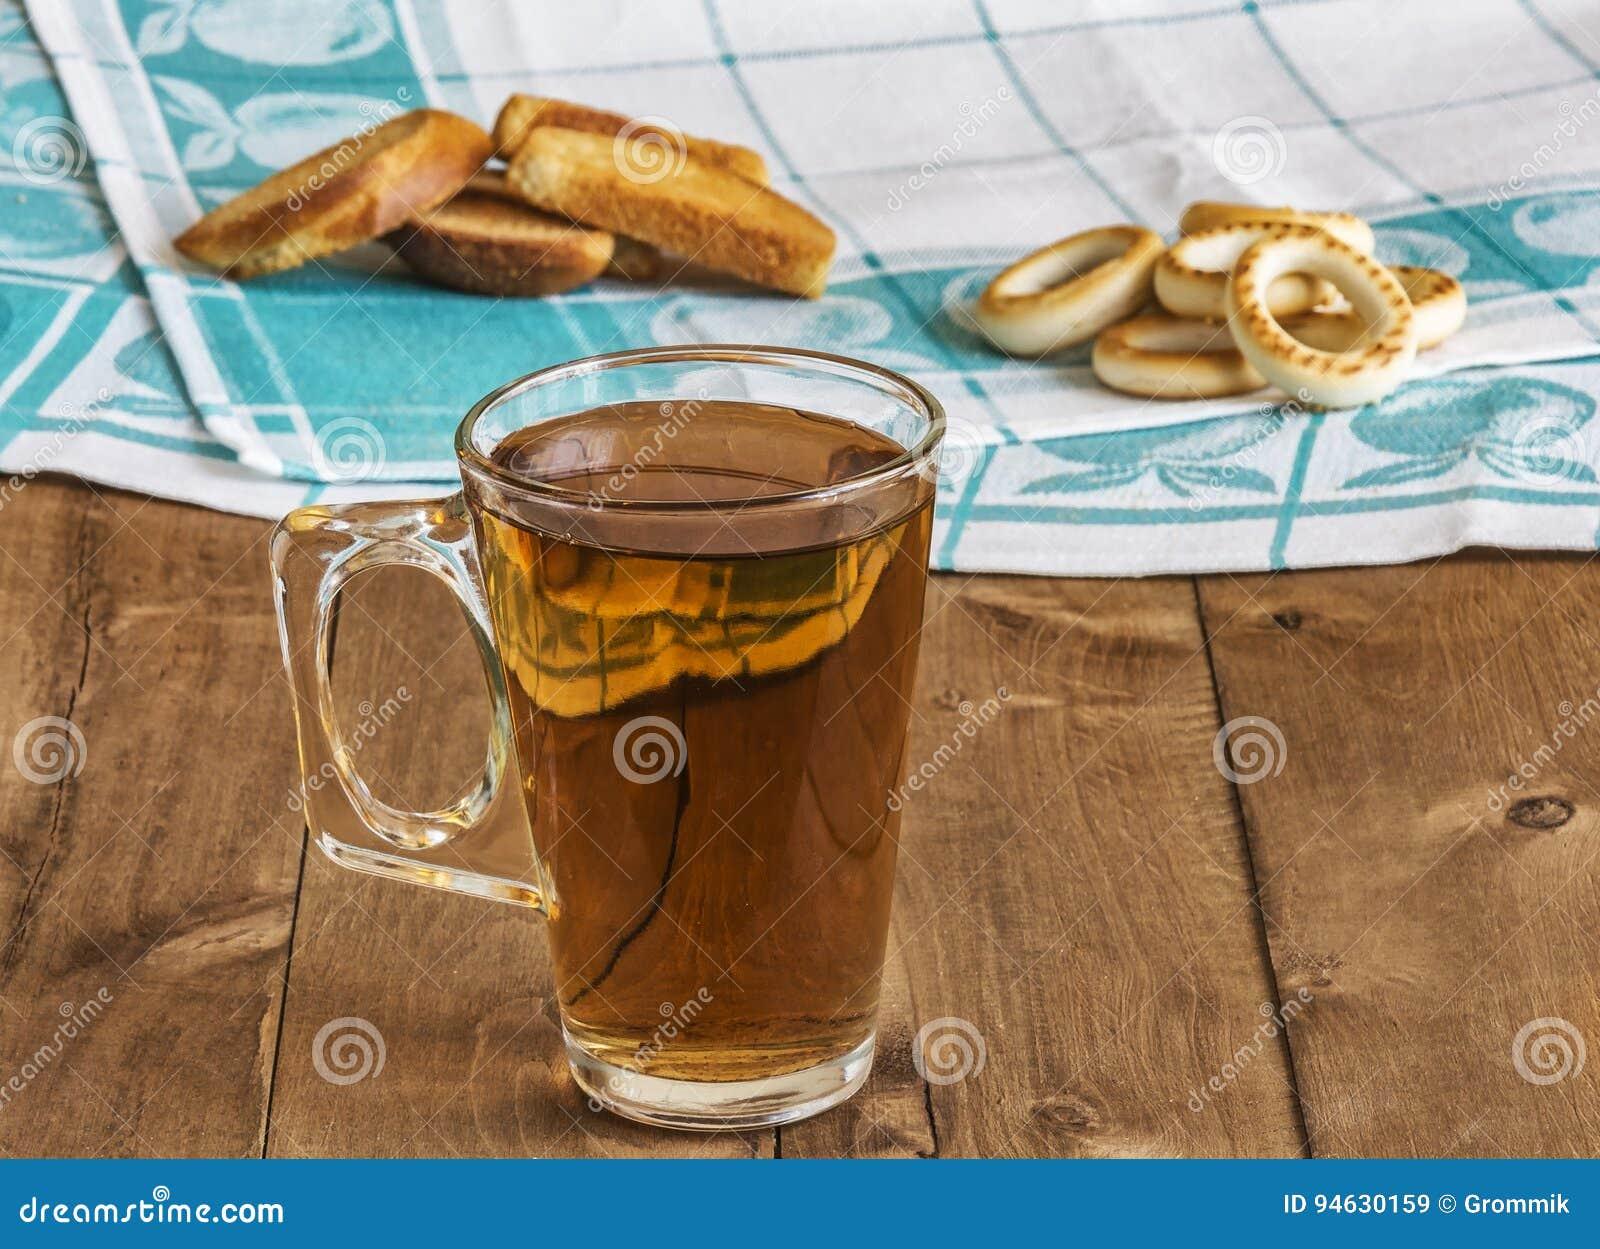 Ist auf dem tisch ein glas tee mit brotkrumen und trockner